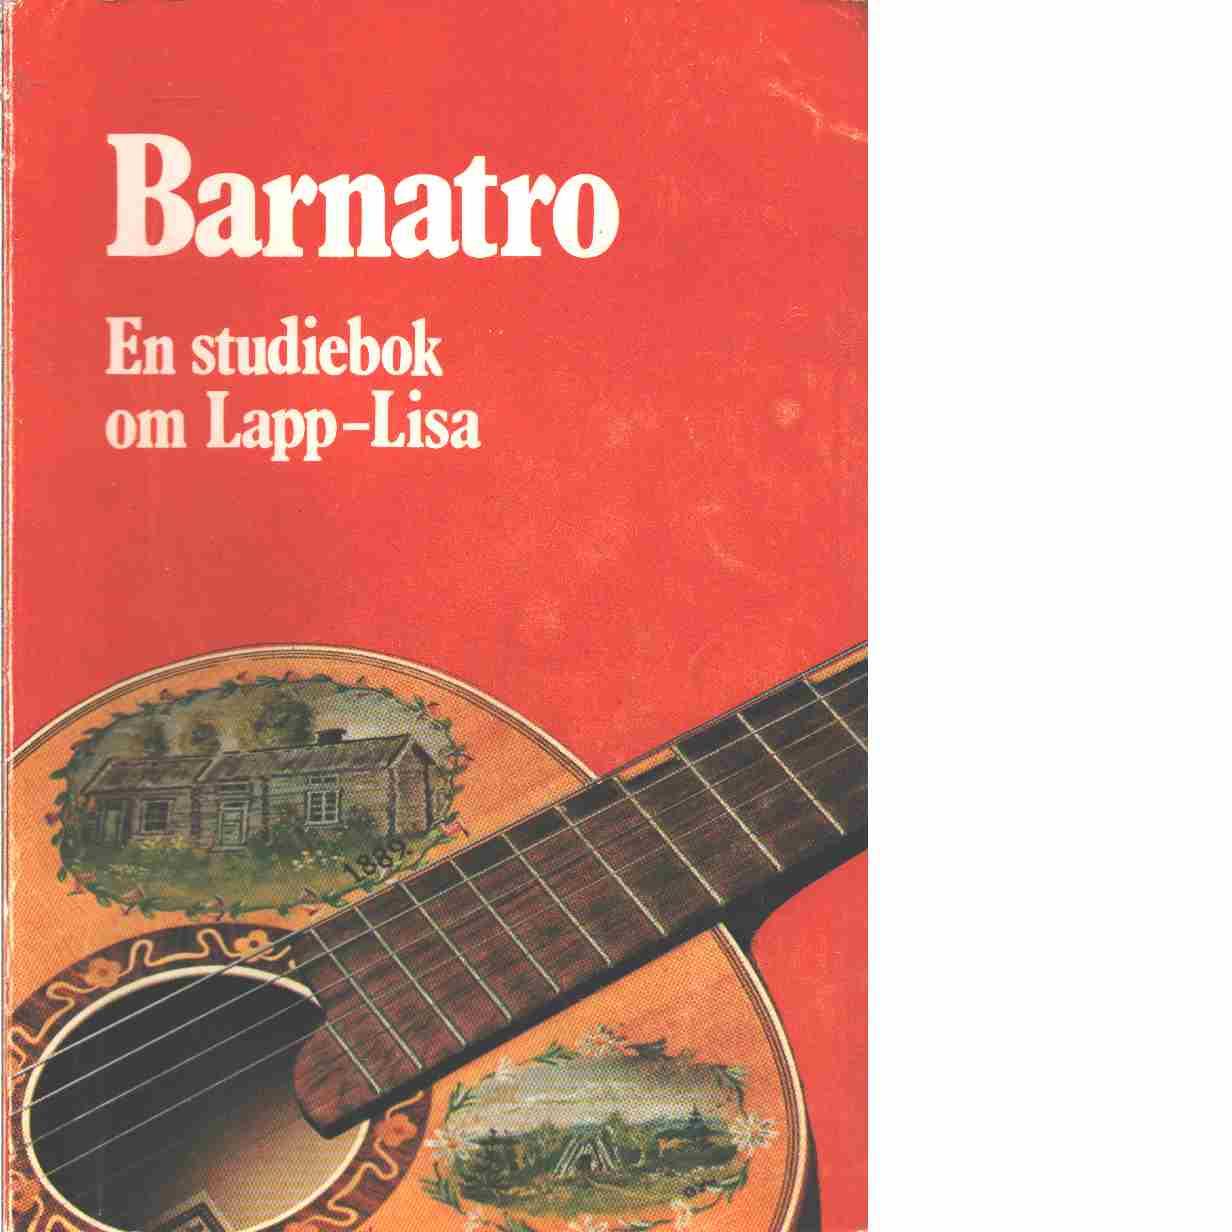 Barnatro : en studiebok om Lapp-Lisa - Sjöberg, Ingrid och Gramén, Barbro